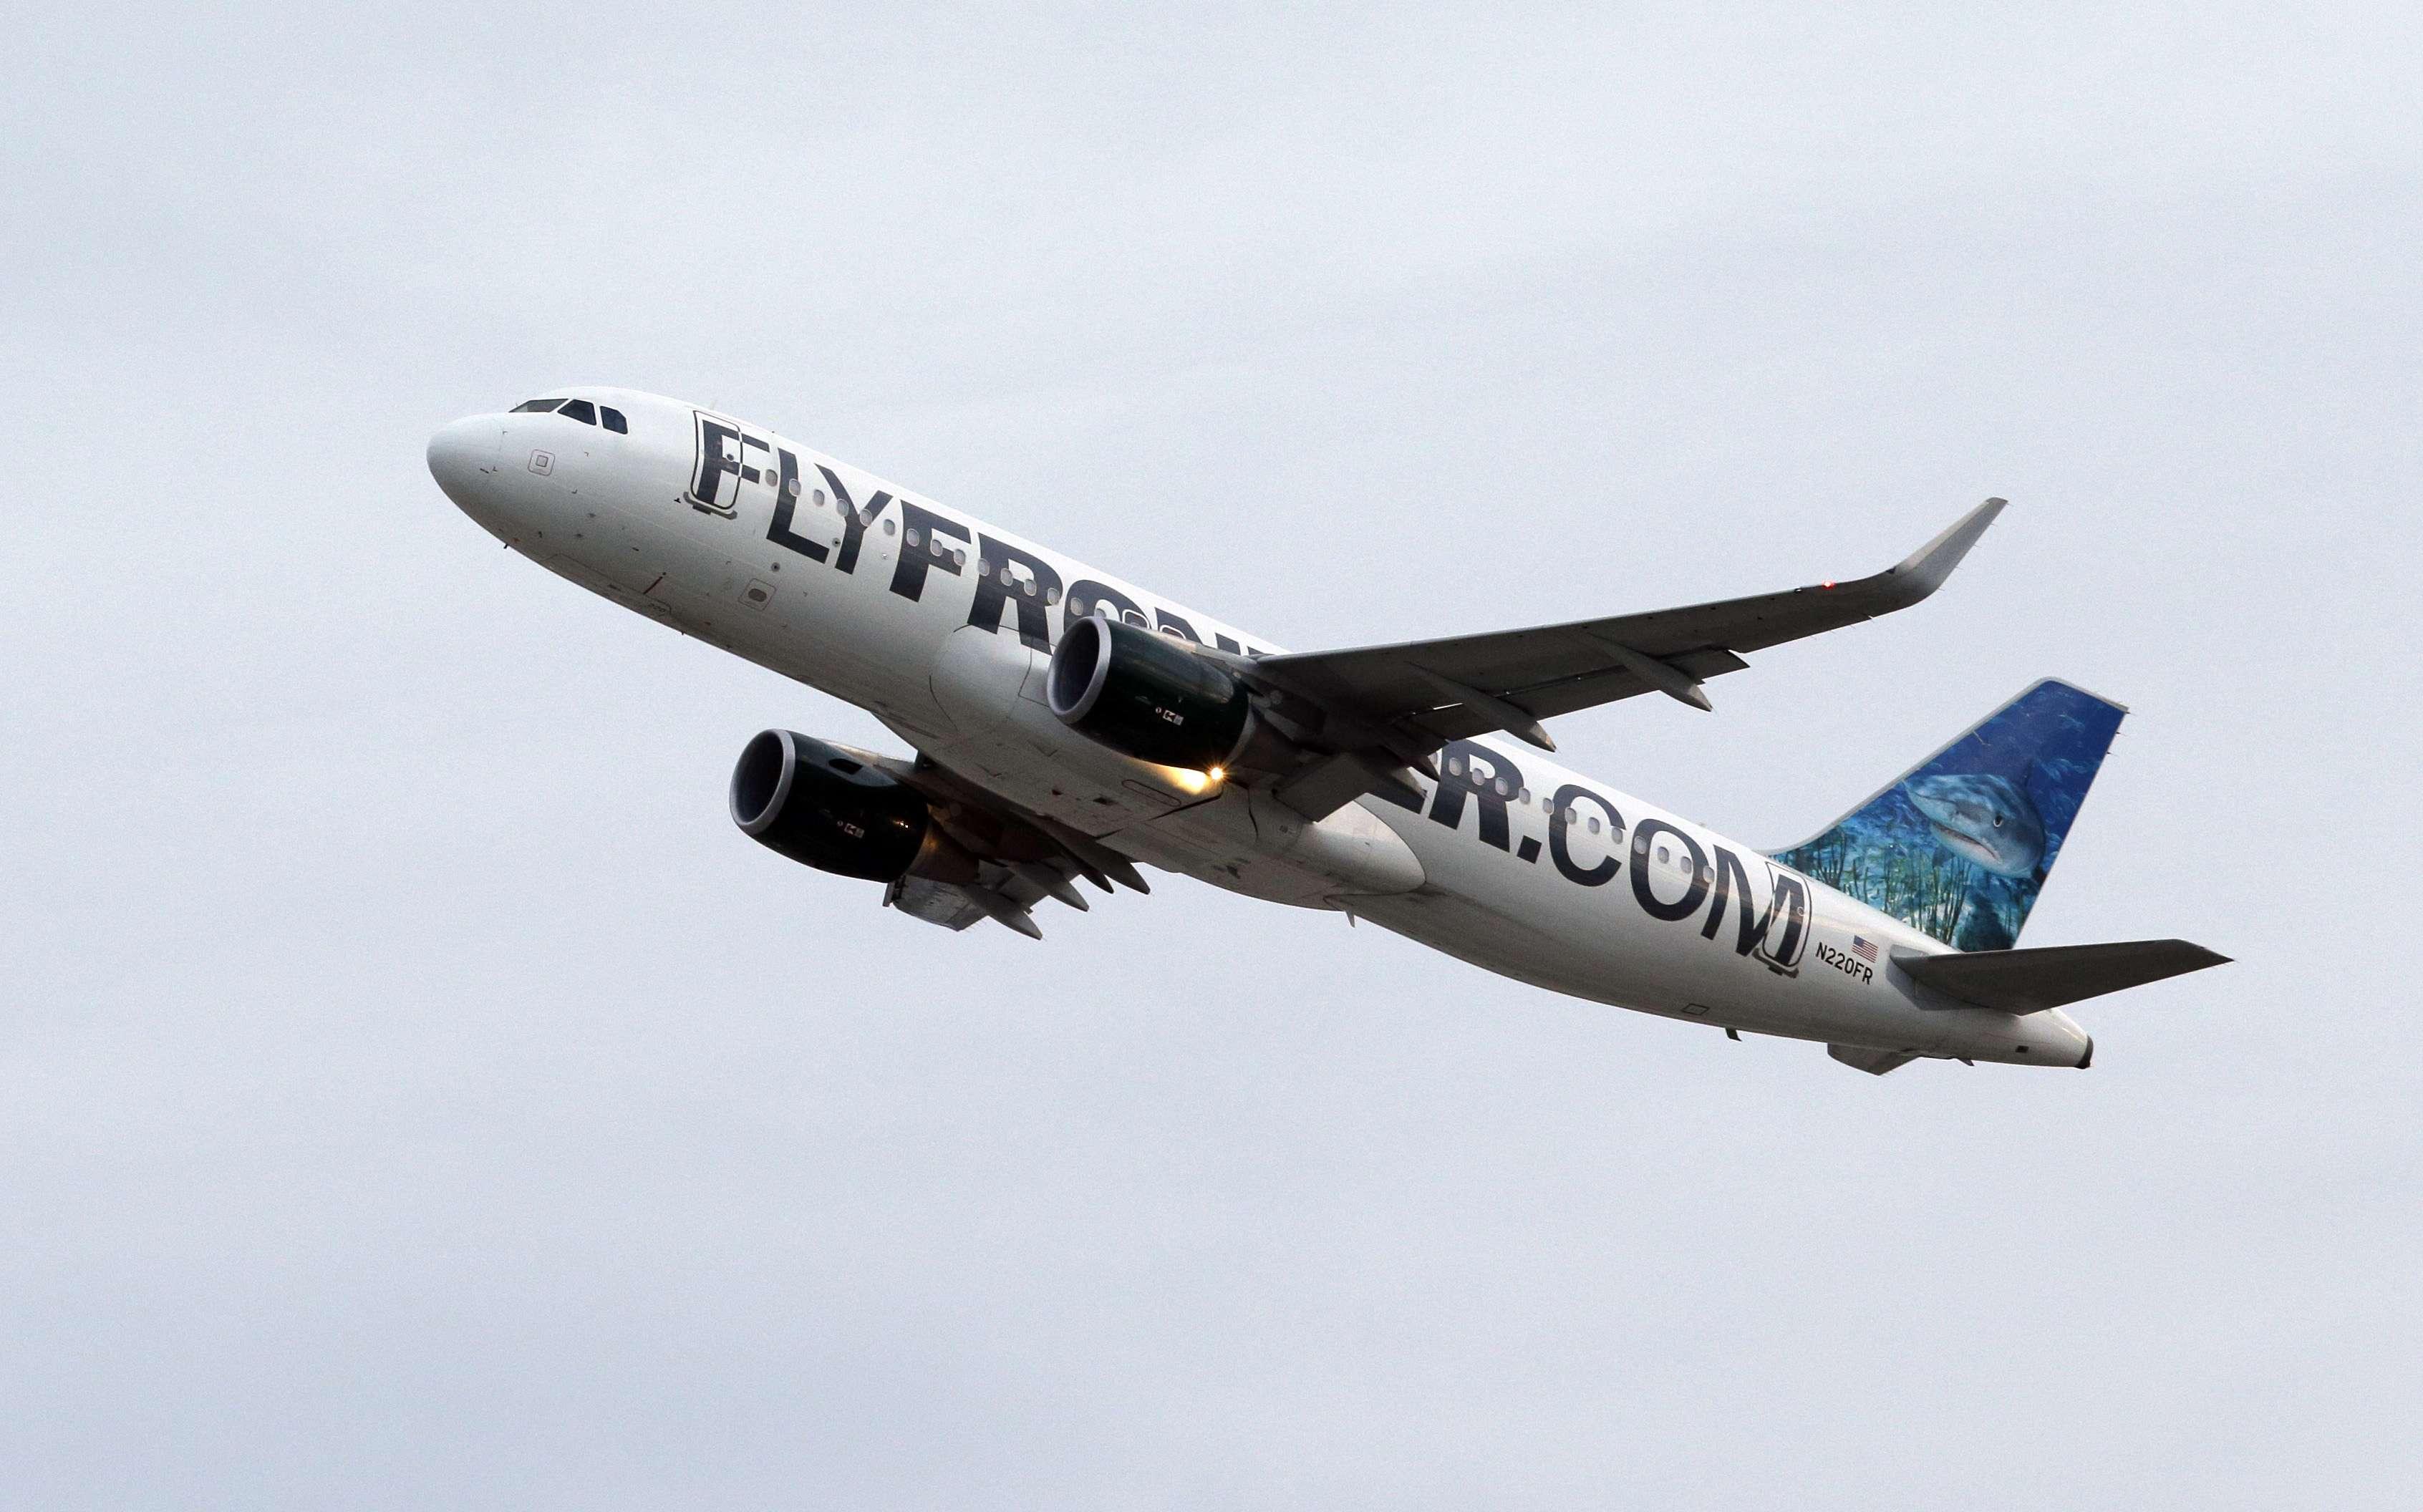 Un avión de Frontier Airlines despega del Aeropuerto Internacional Hopkins, el miércoles 15 de octubre de 2014, en Cleveland. Foto: AP en español